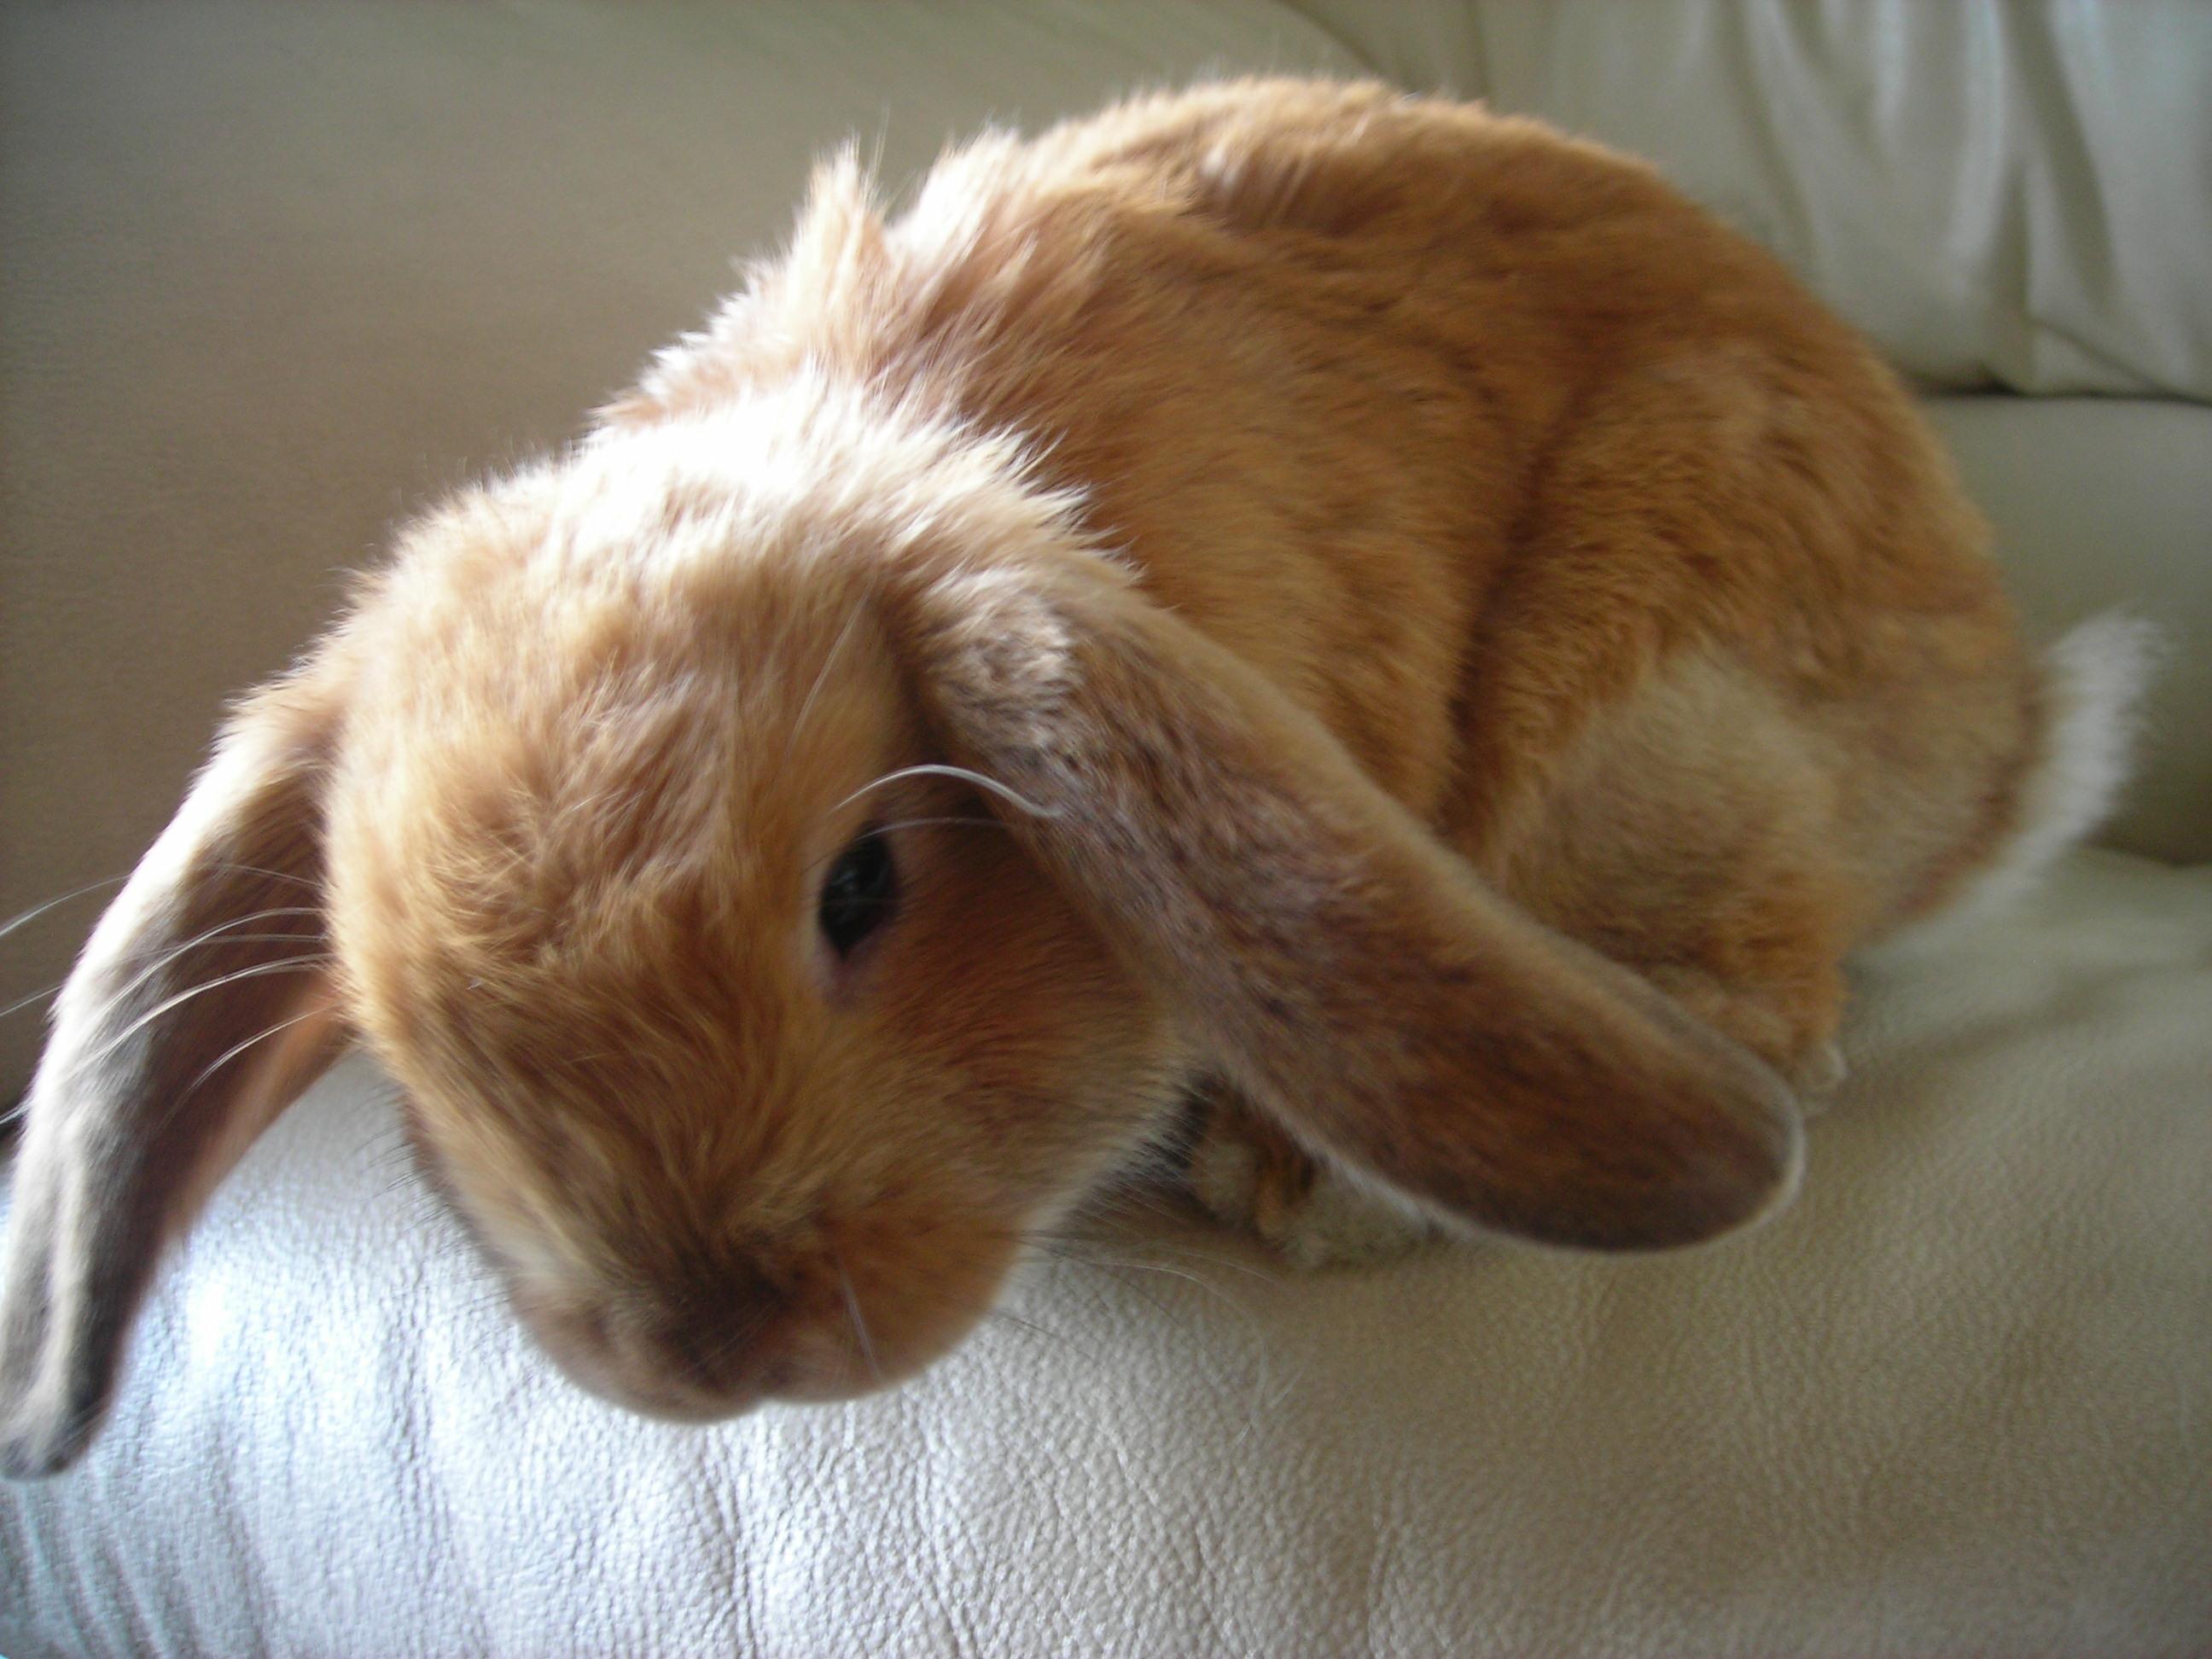 rabbit nutcracker eBay